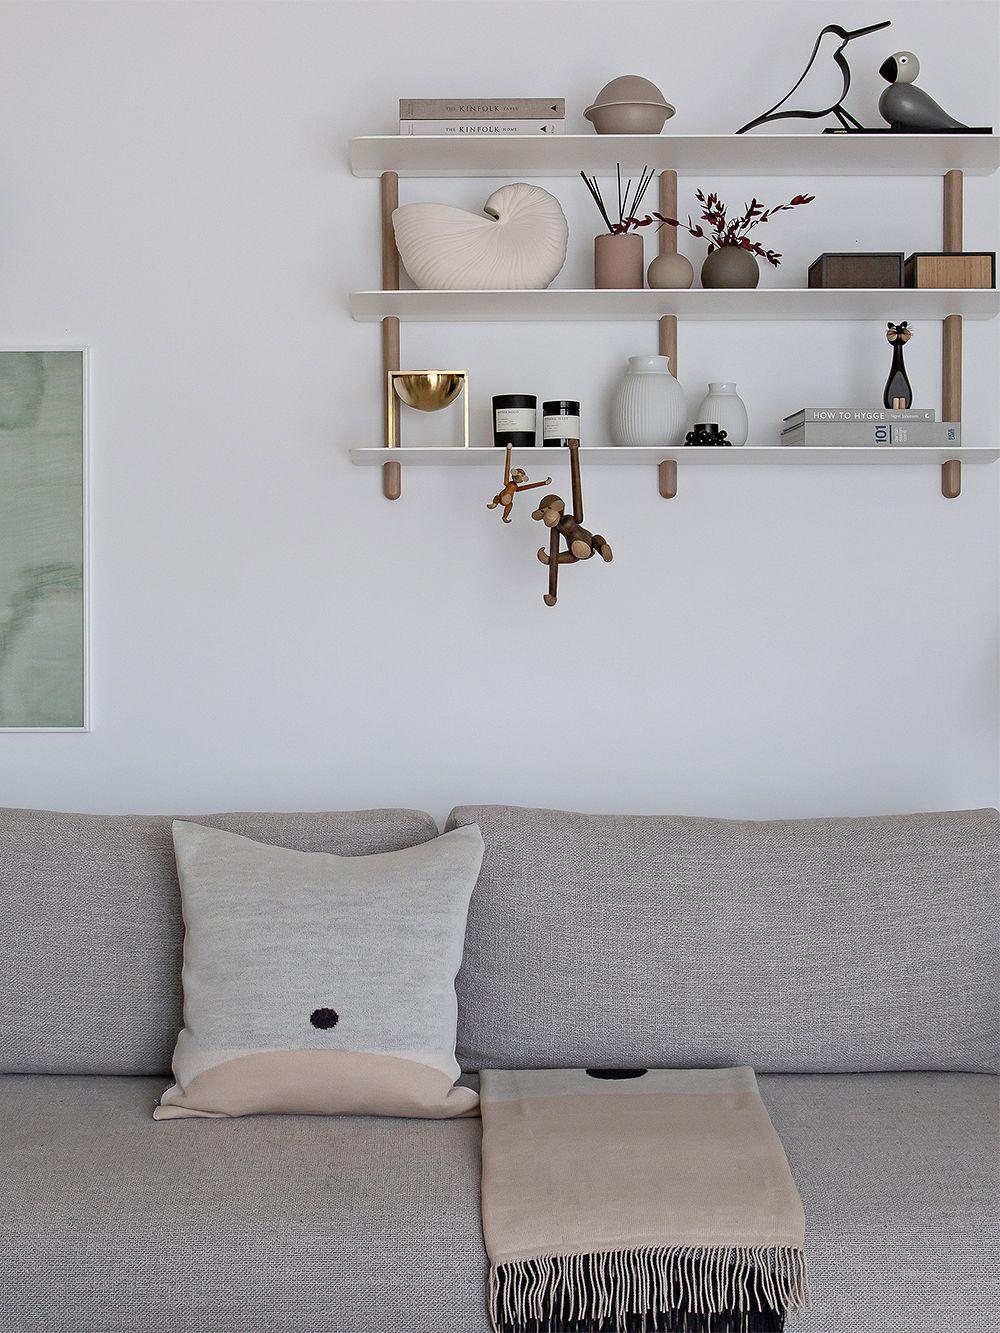 Form & Refine Aymara cushion, 52 x 52 cm, pattern Cream